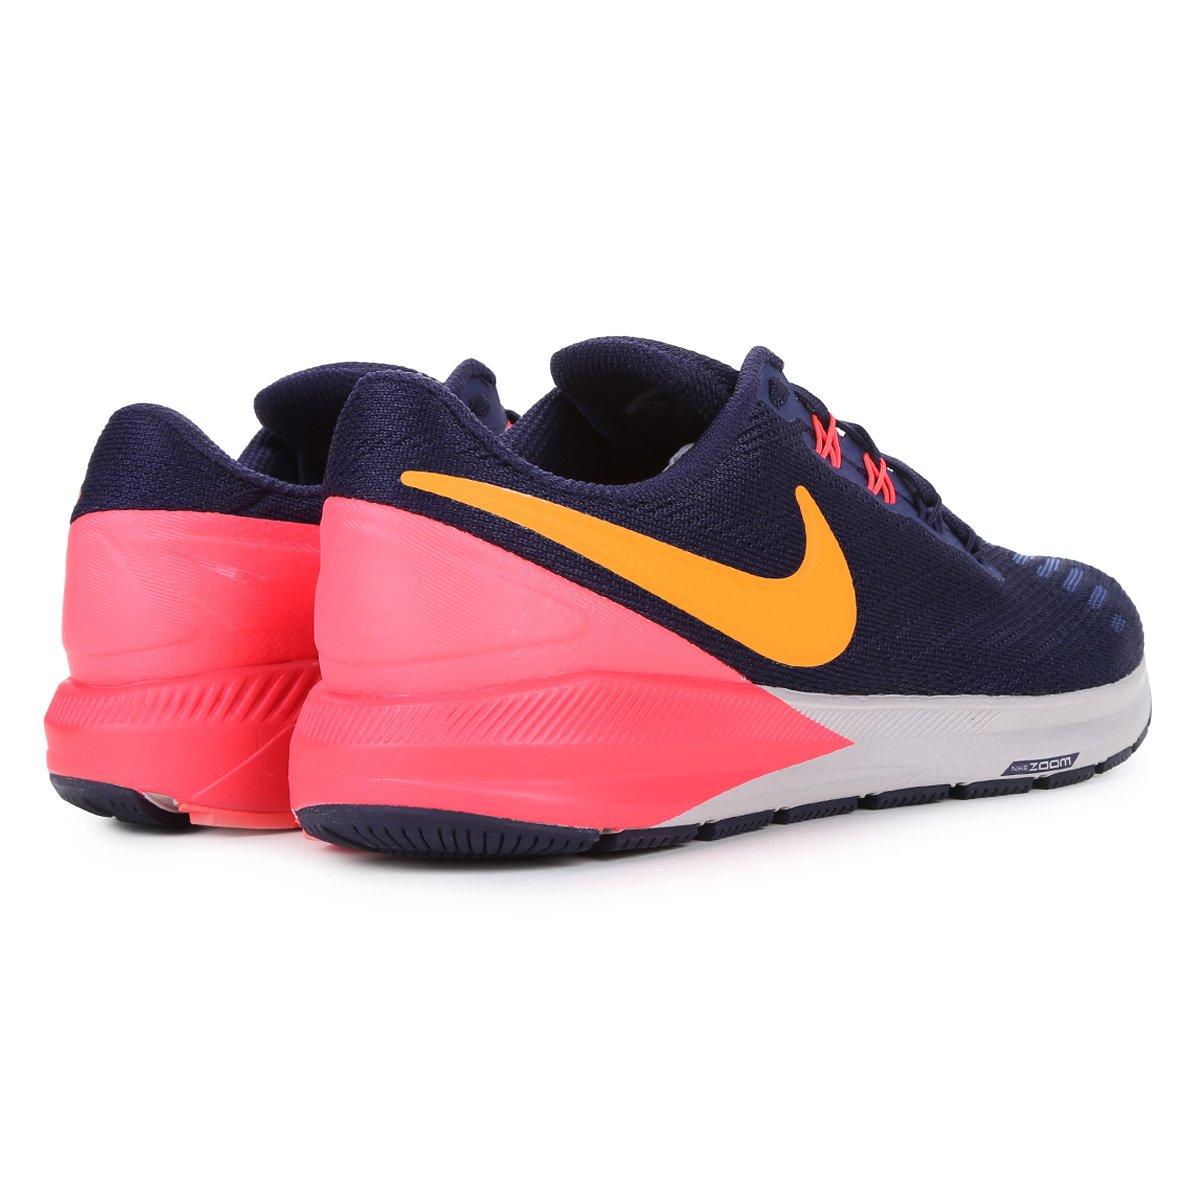 Tênis Nike Air Zoom Structure 22 Feminino - Compre Agora  afed2f21f4baf